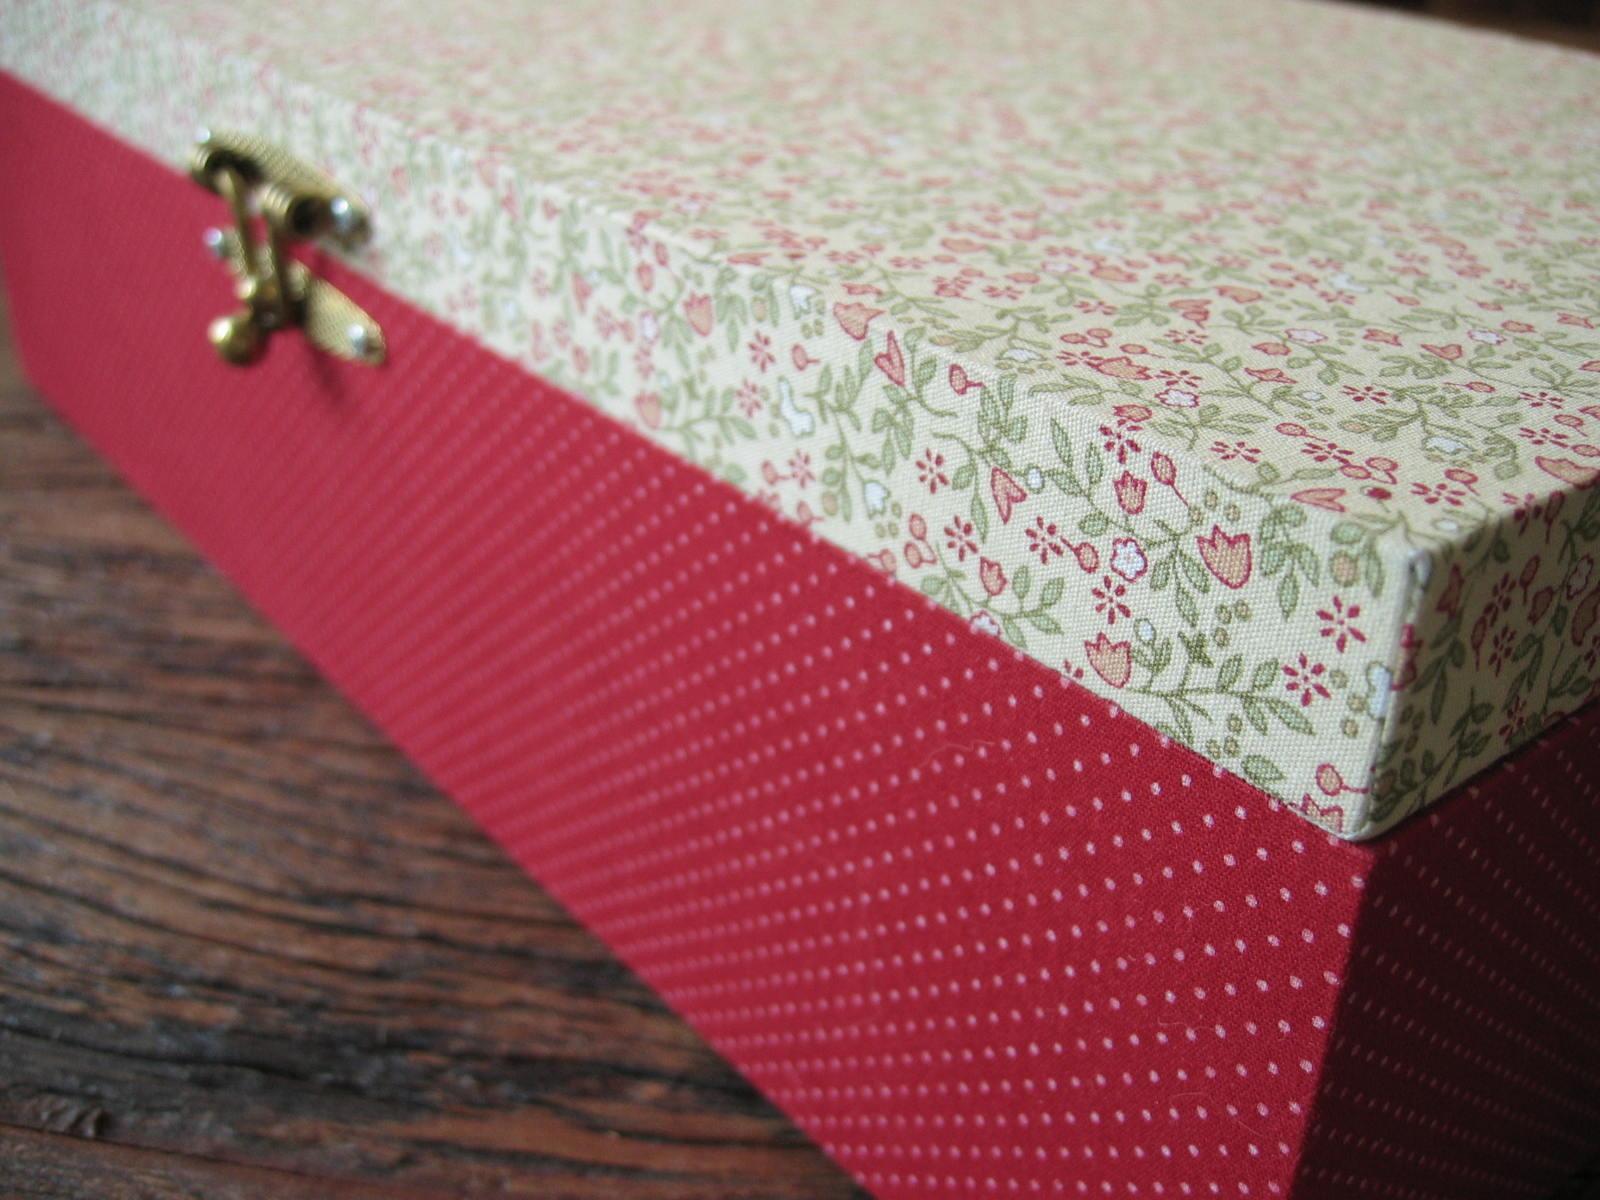 Gata Pink Artesanato: Gata Pink Artesanato Caixa de bijoux #9B3044 1600x1200